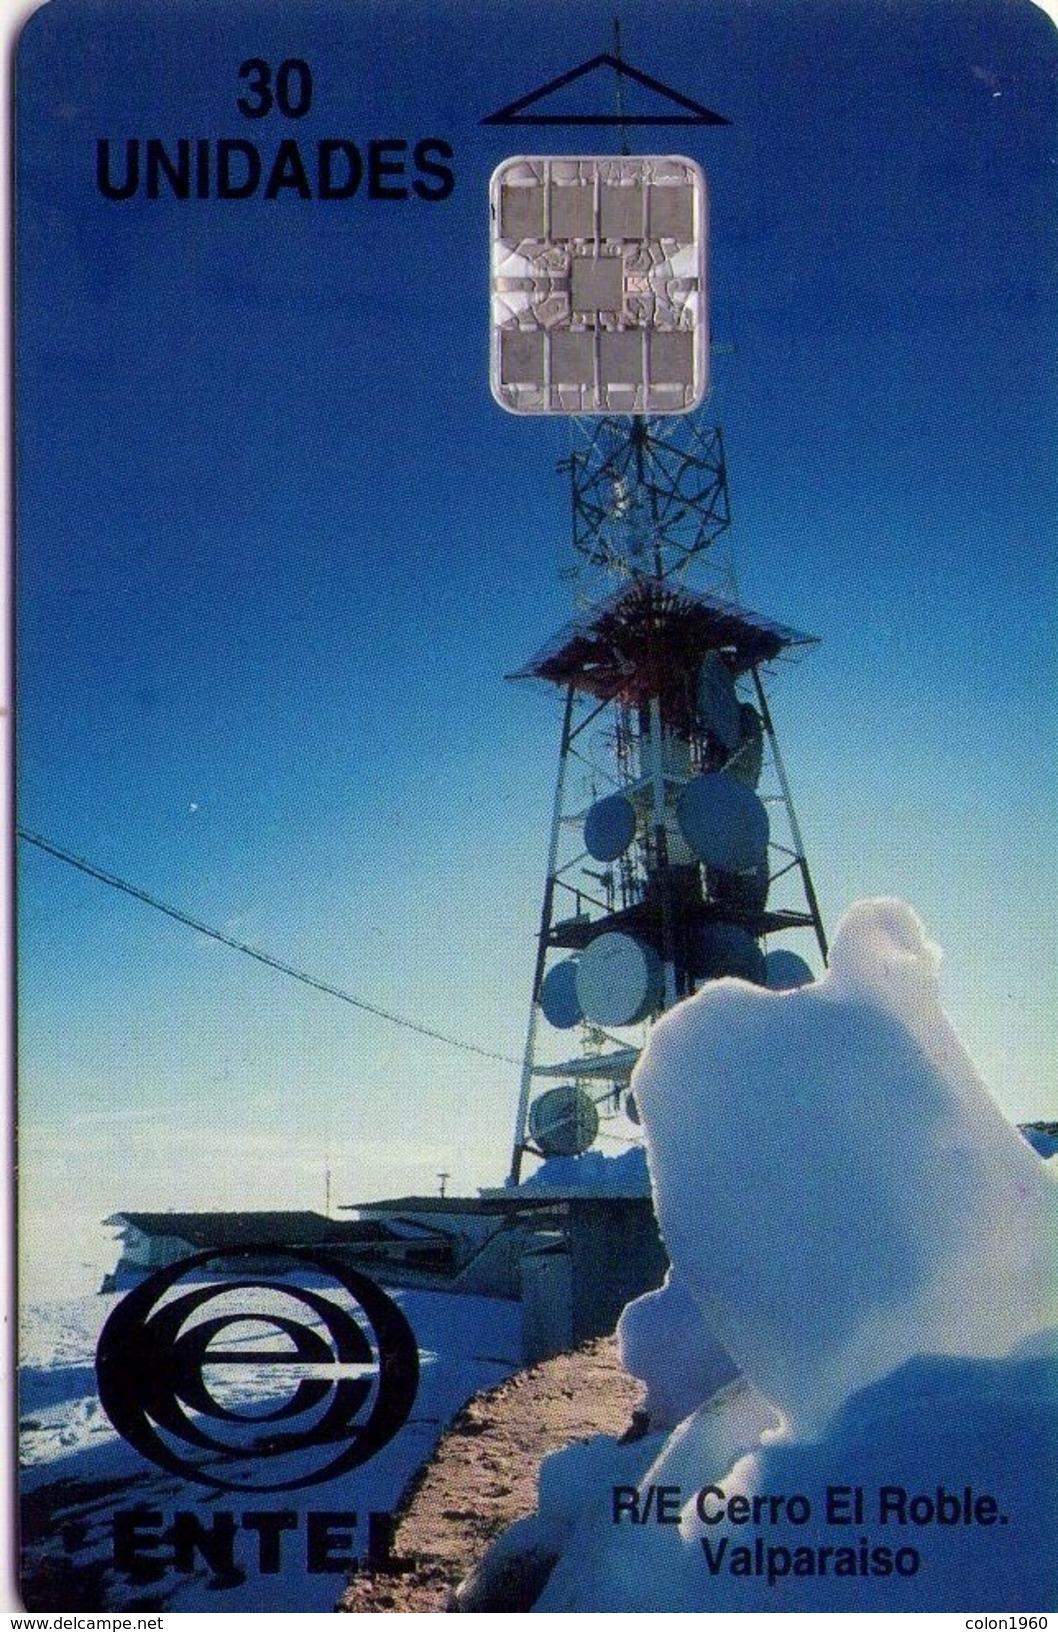 TARJETA TELEFONICA DE CHILE. Telecom Tower, Valparaiso. R/E CERRO EL ROBLE. CL-Entel-06 (297) - Chile